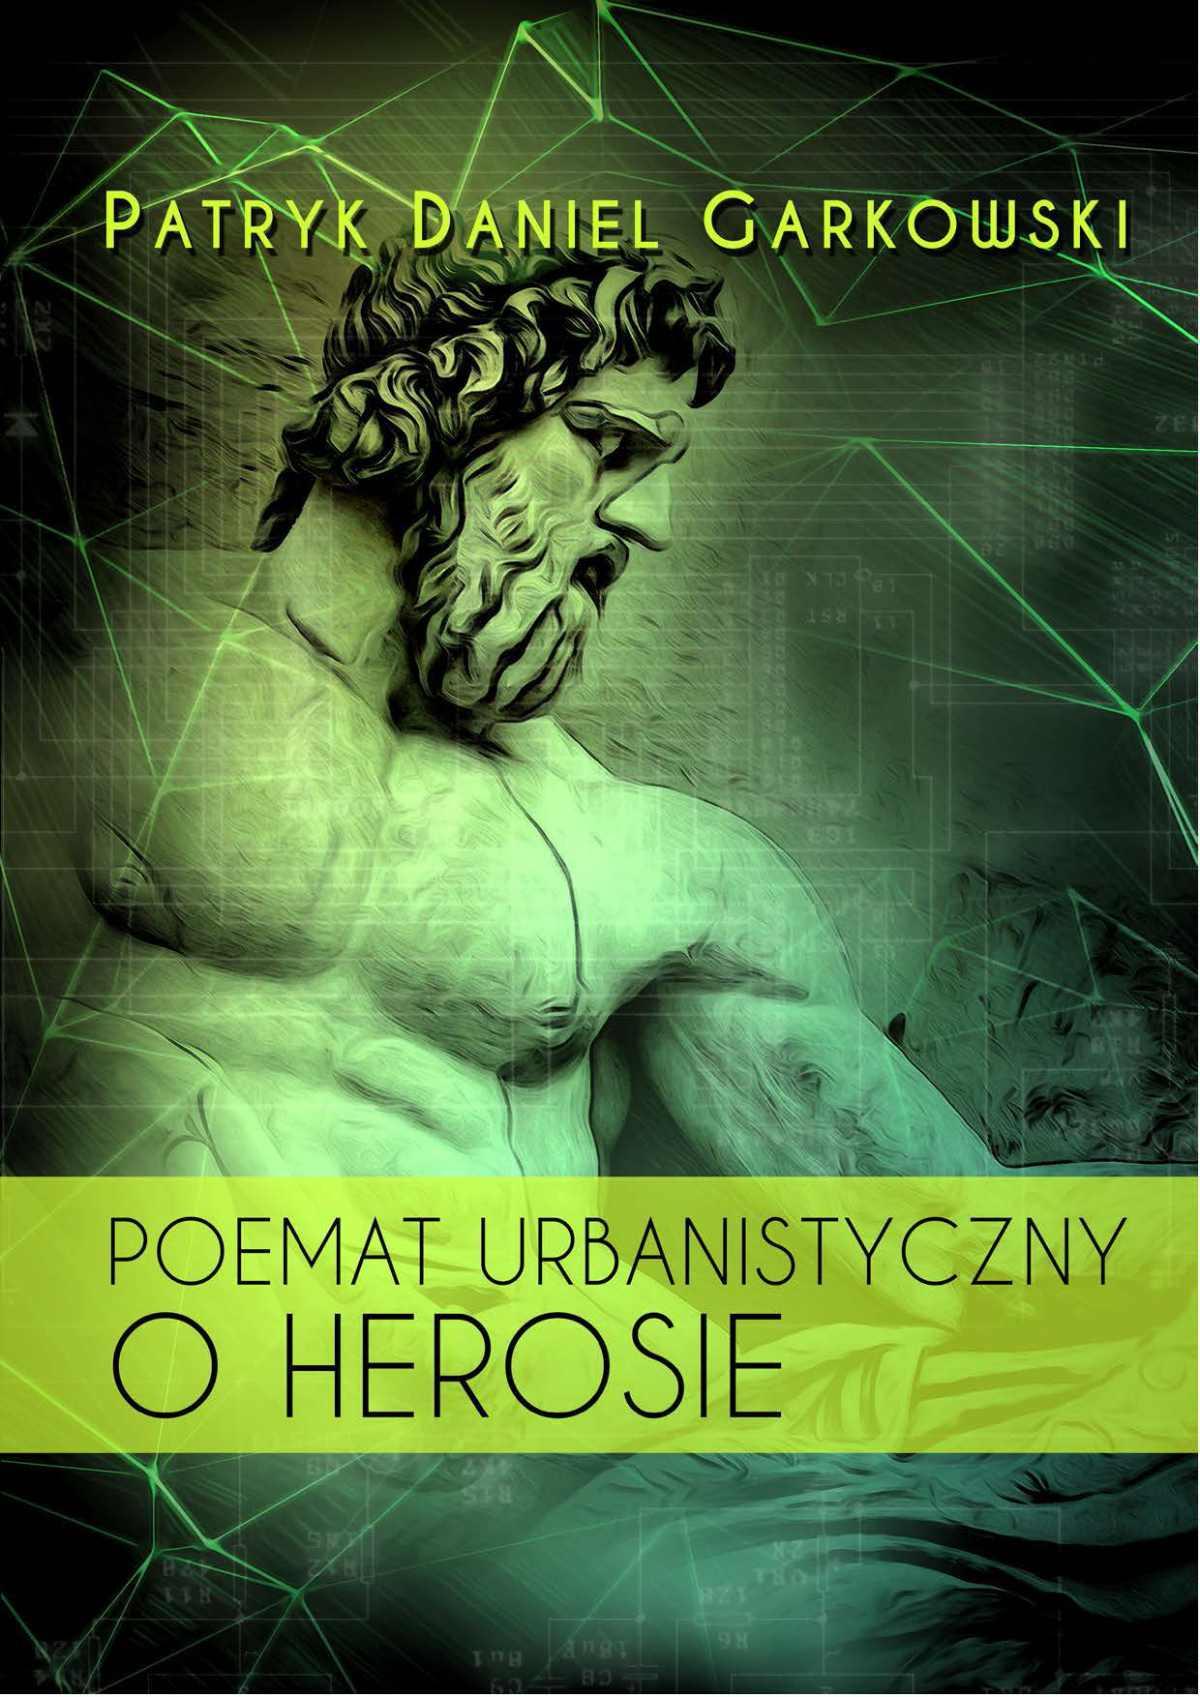 Poemat urbanistyczny o Herosie - Ebook (Książka EPUB) do pobrania w formacie EPUB